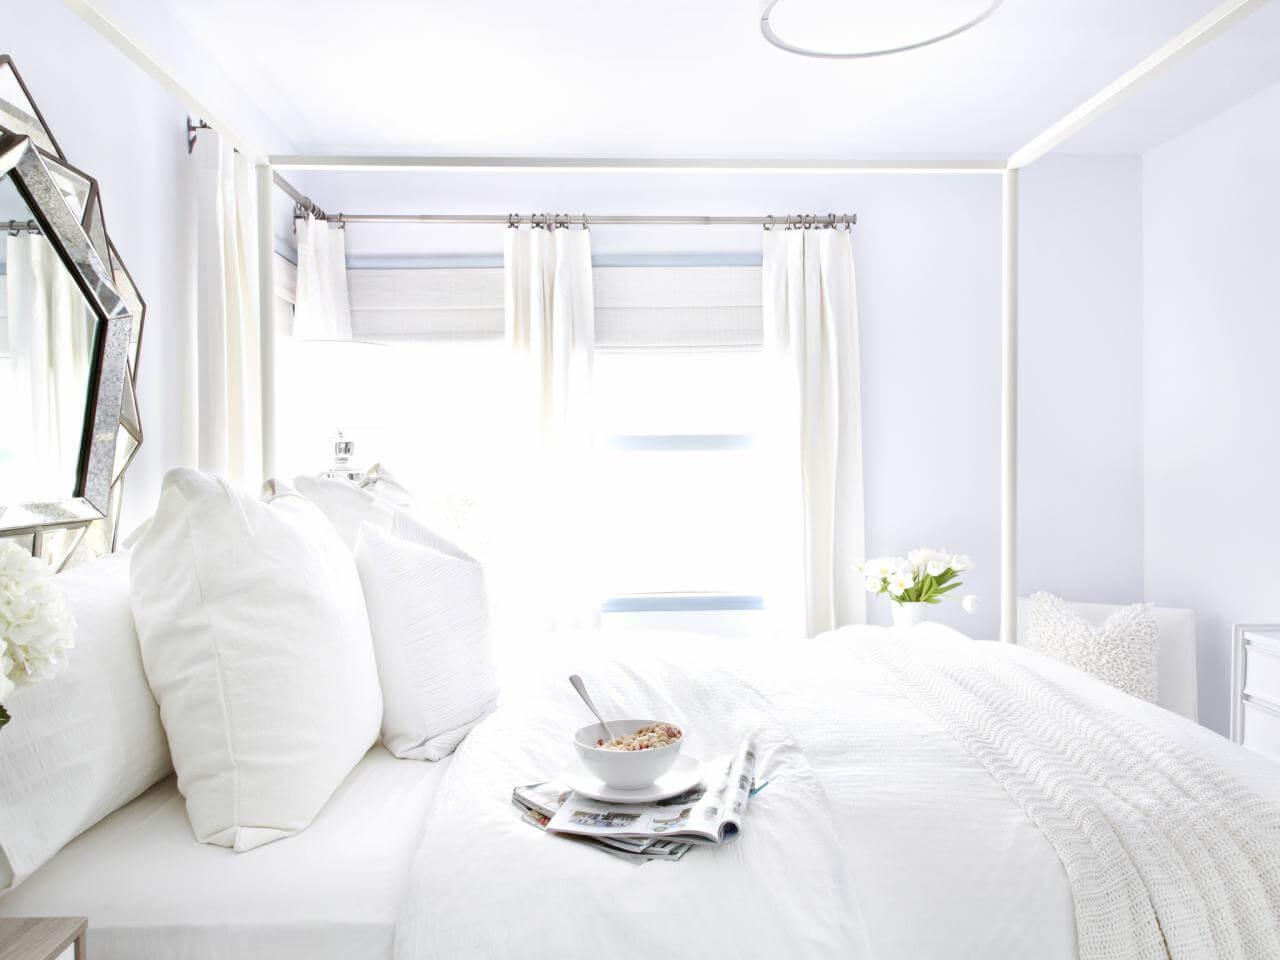 Освещение в маленькой комнате